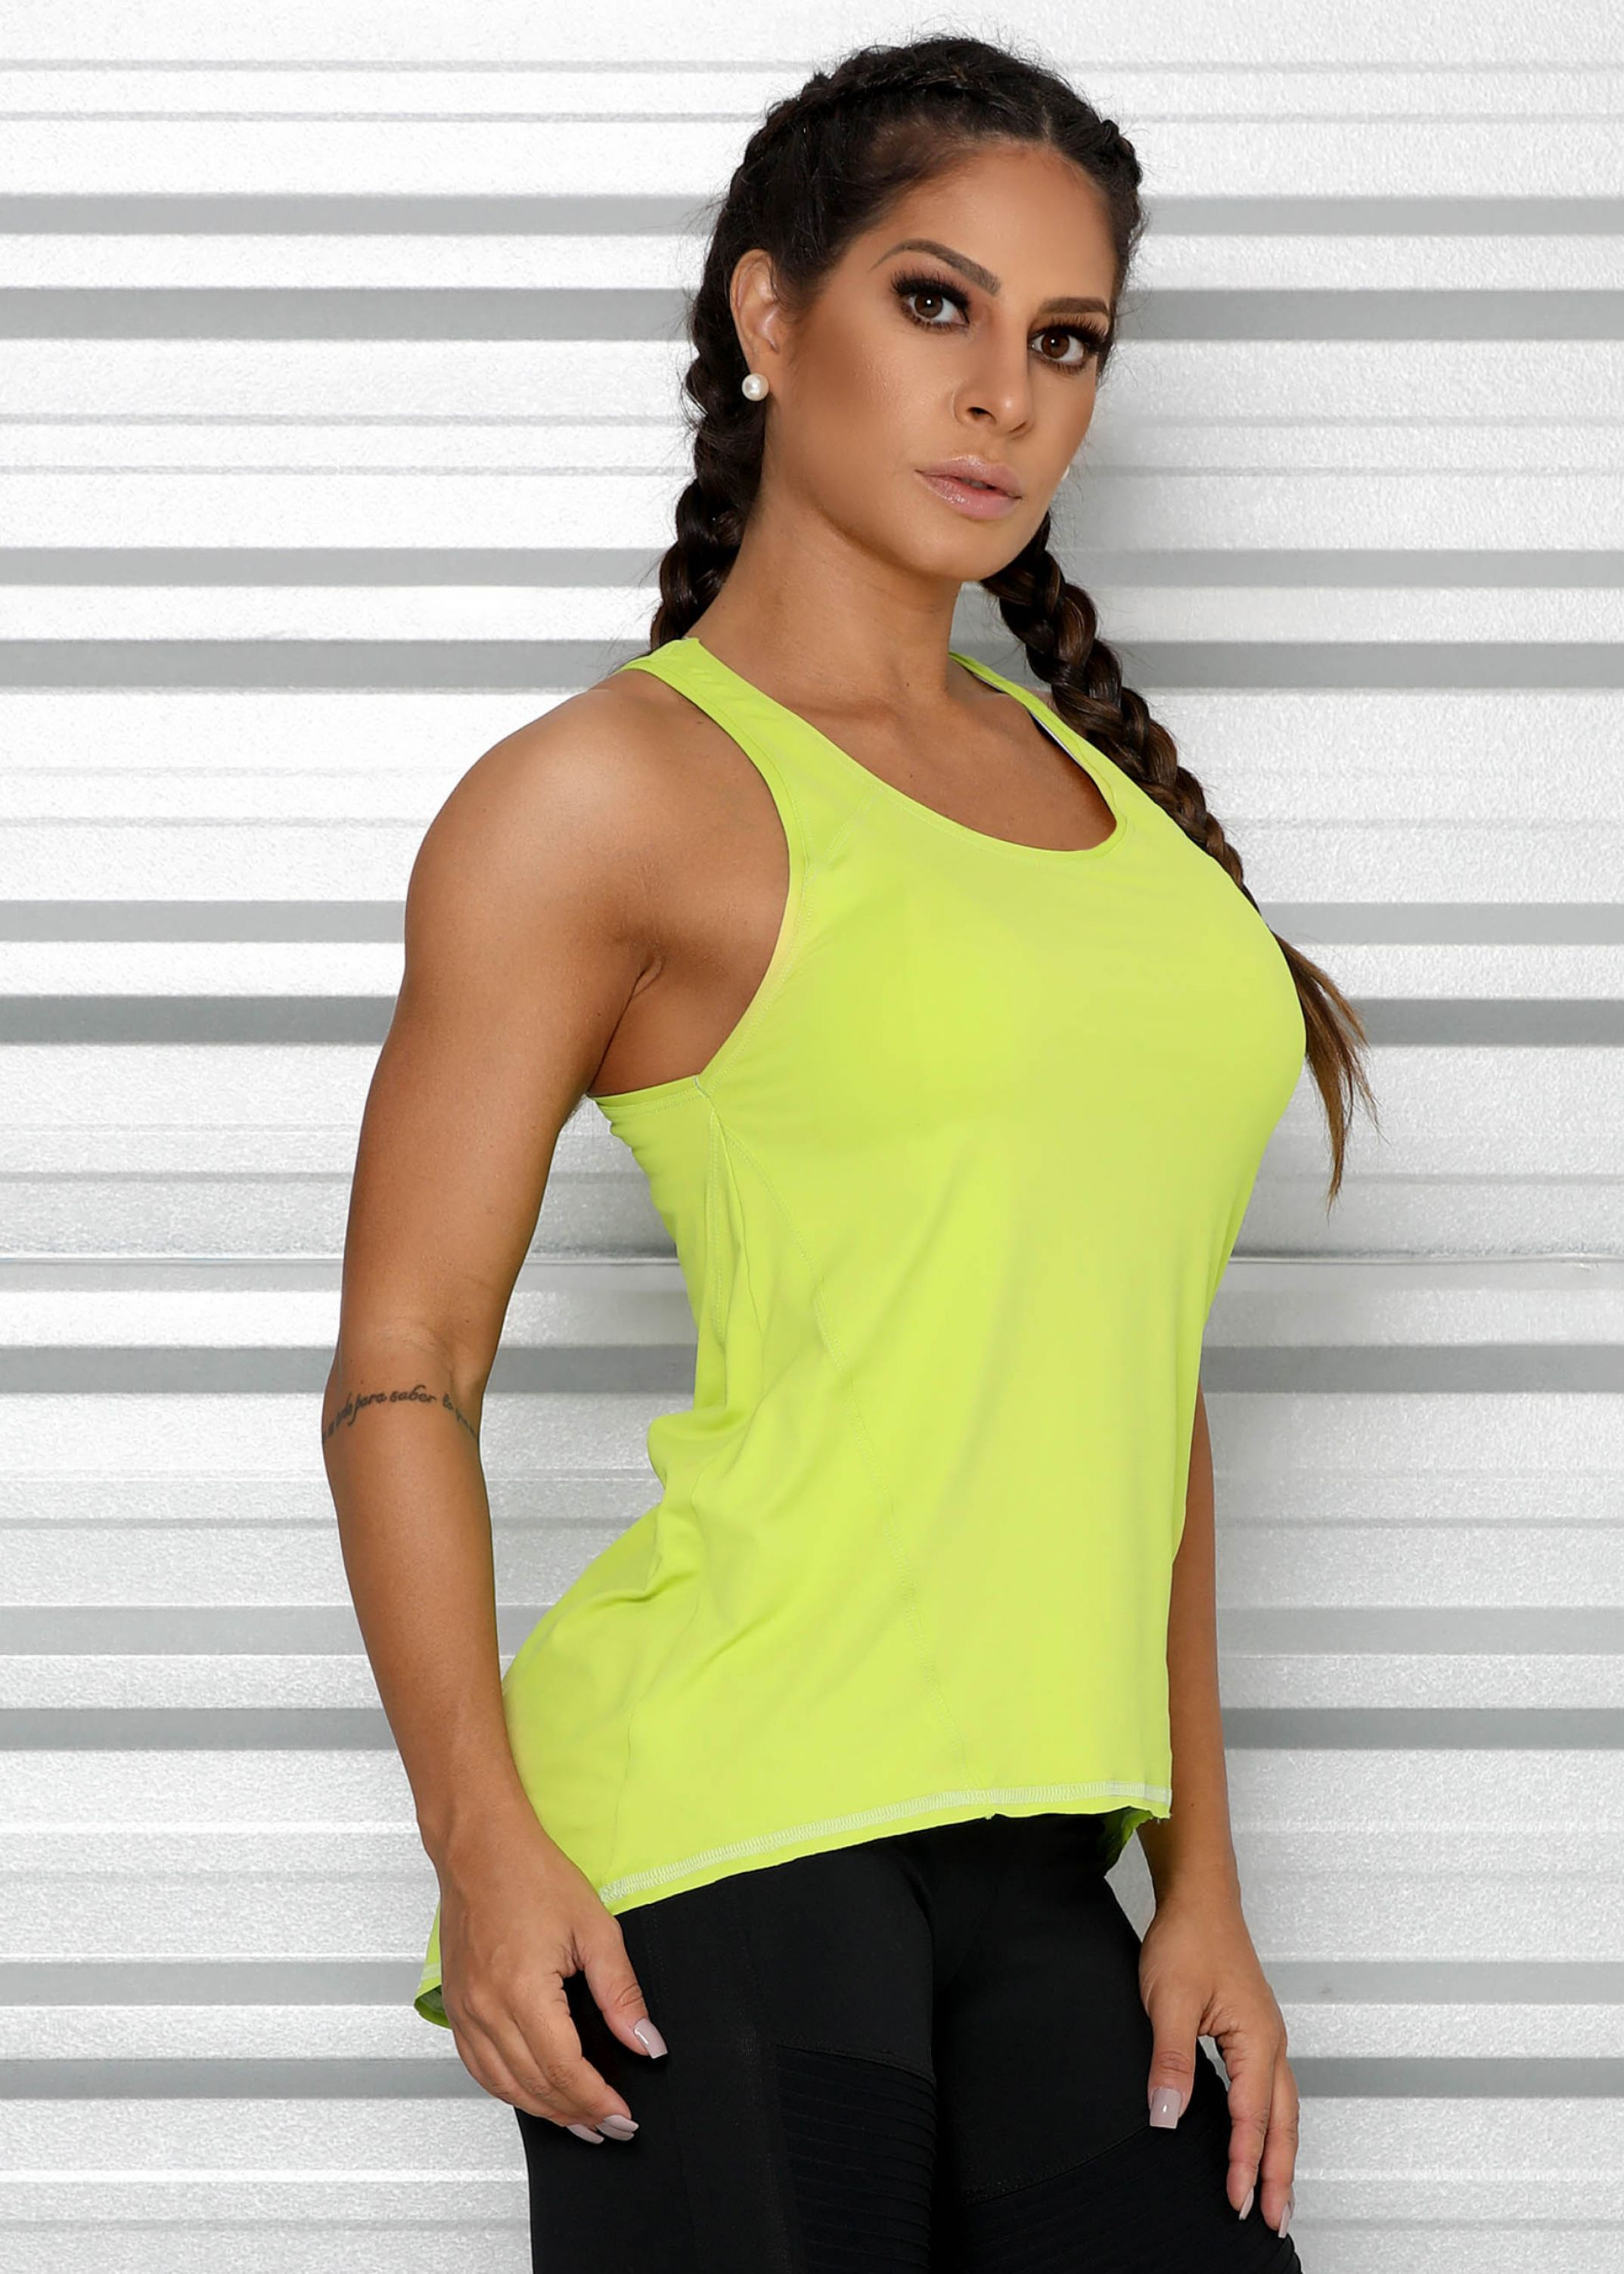 Regata Nadador Mullet com Recortes em Microfibra Geladinha - Donna Carioca  - Moda fitness com preço de fábrica 6b70bb62c8f